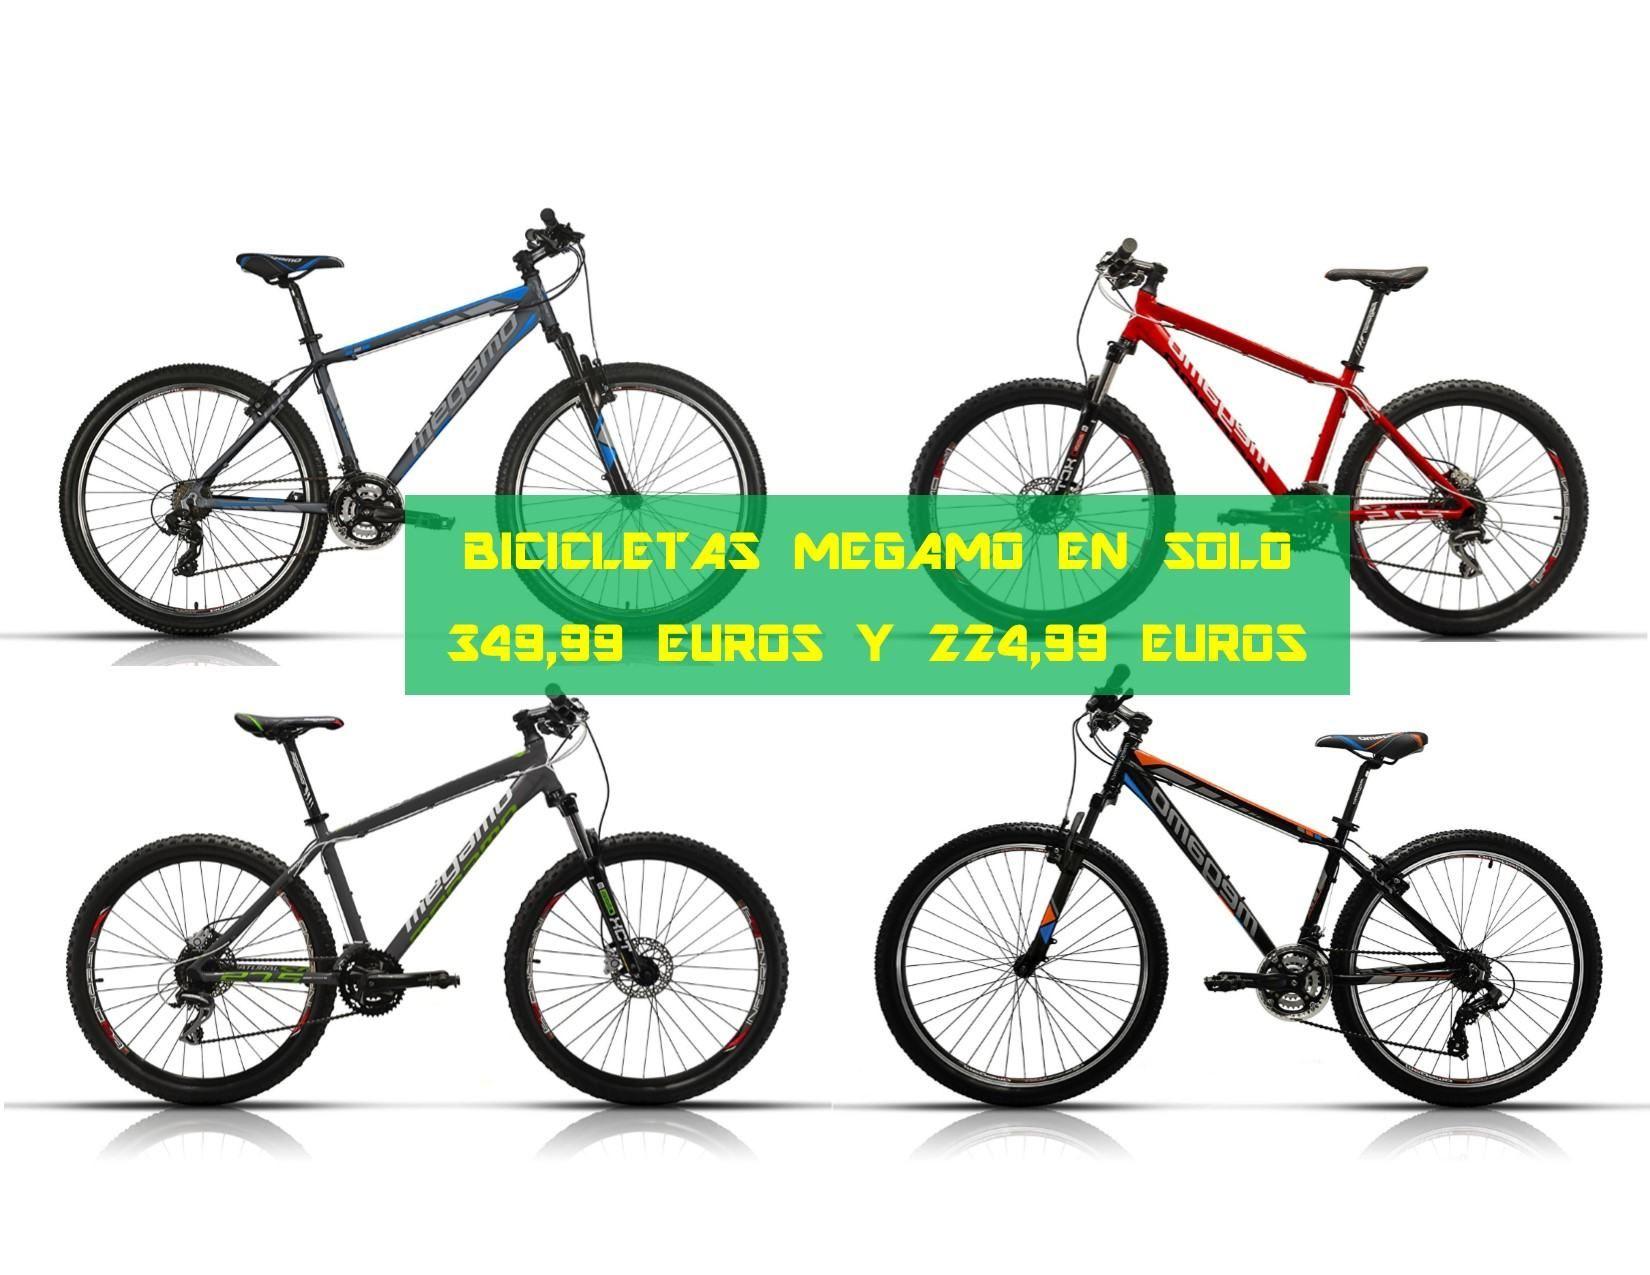 Ofertas Bicicletas Megamo Mtb En Solo 349 99 Euros Y 224 99 Euros Ofertas Bicicletas Bicicletas Mtb